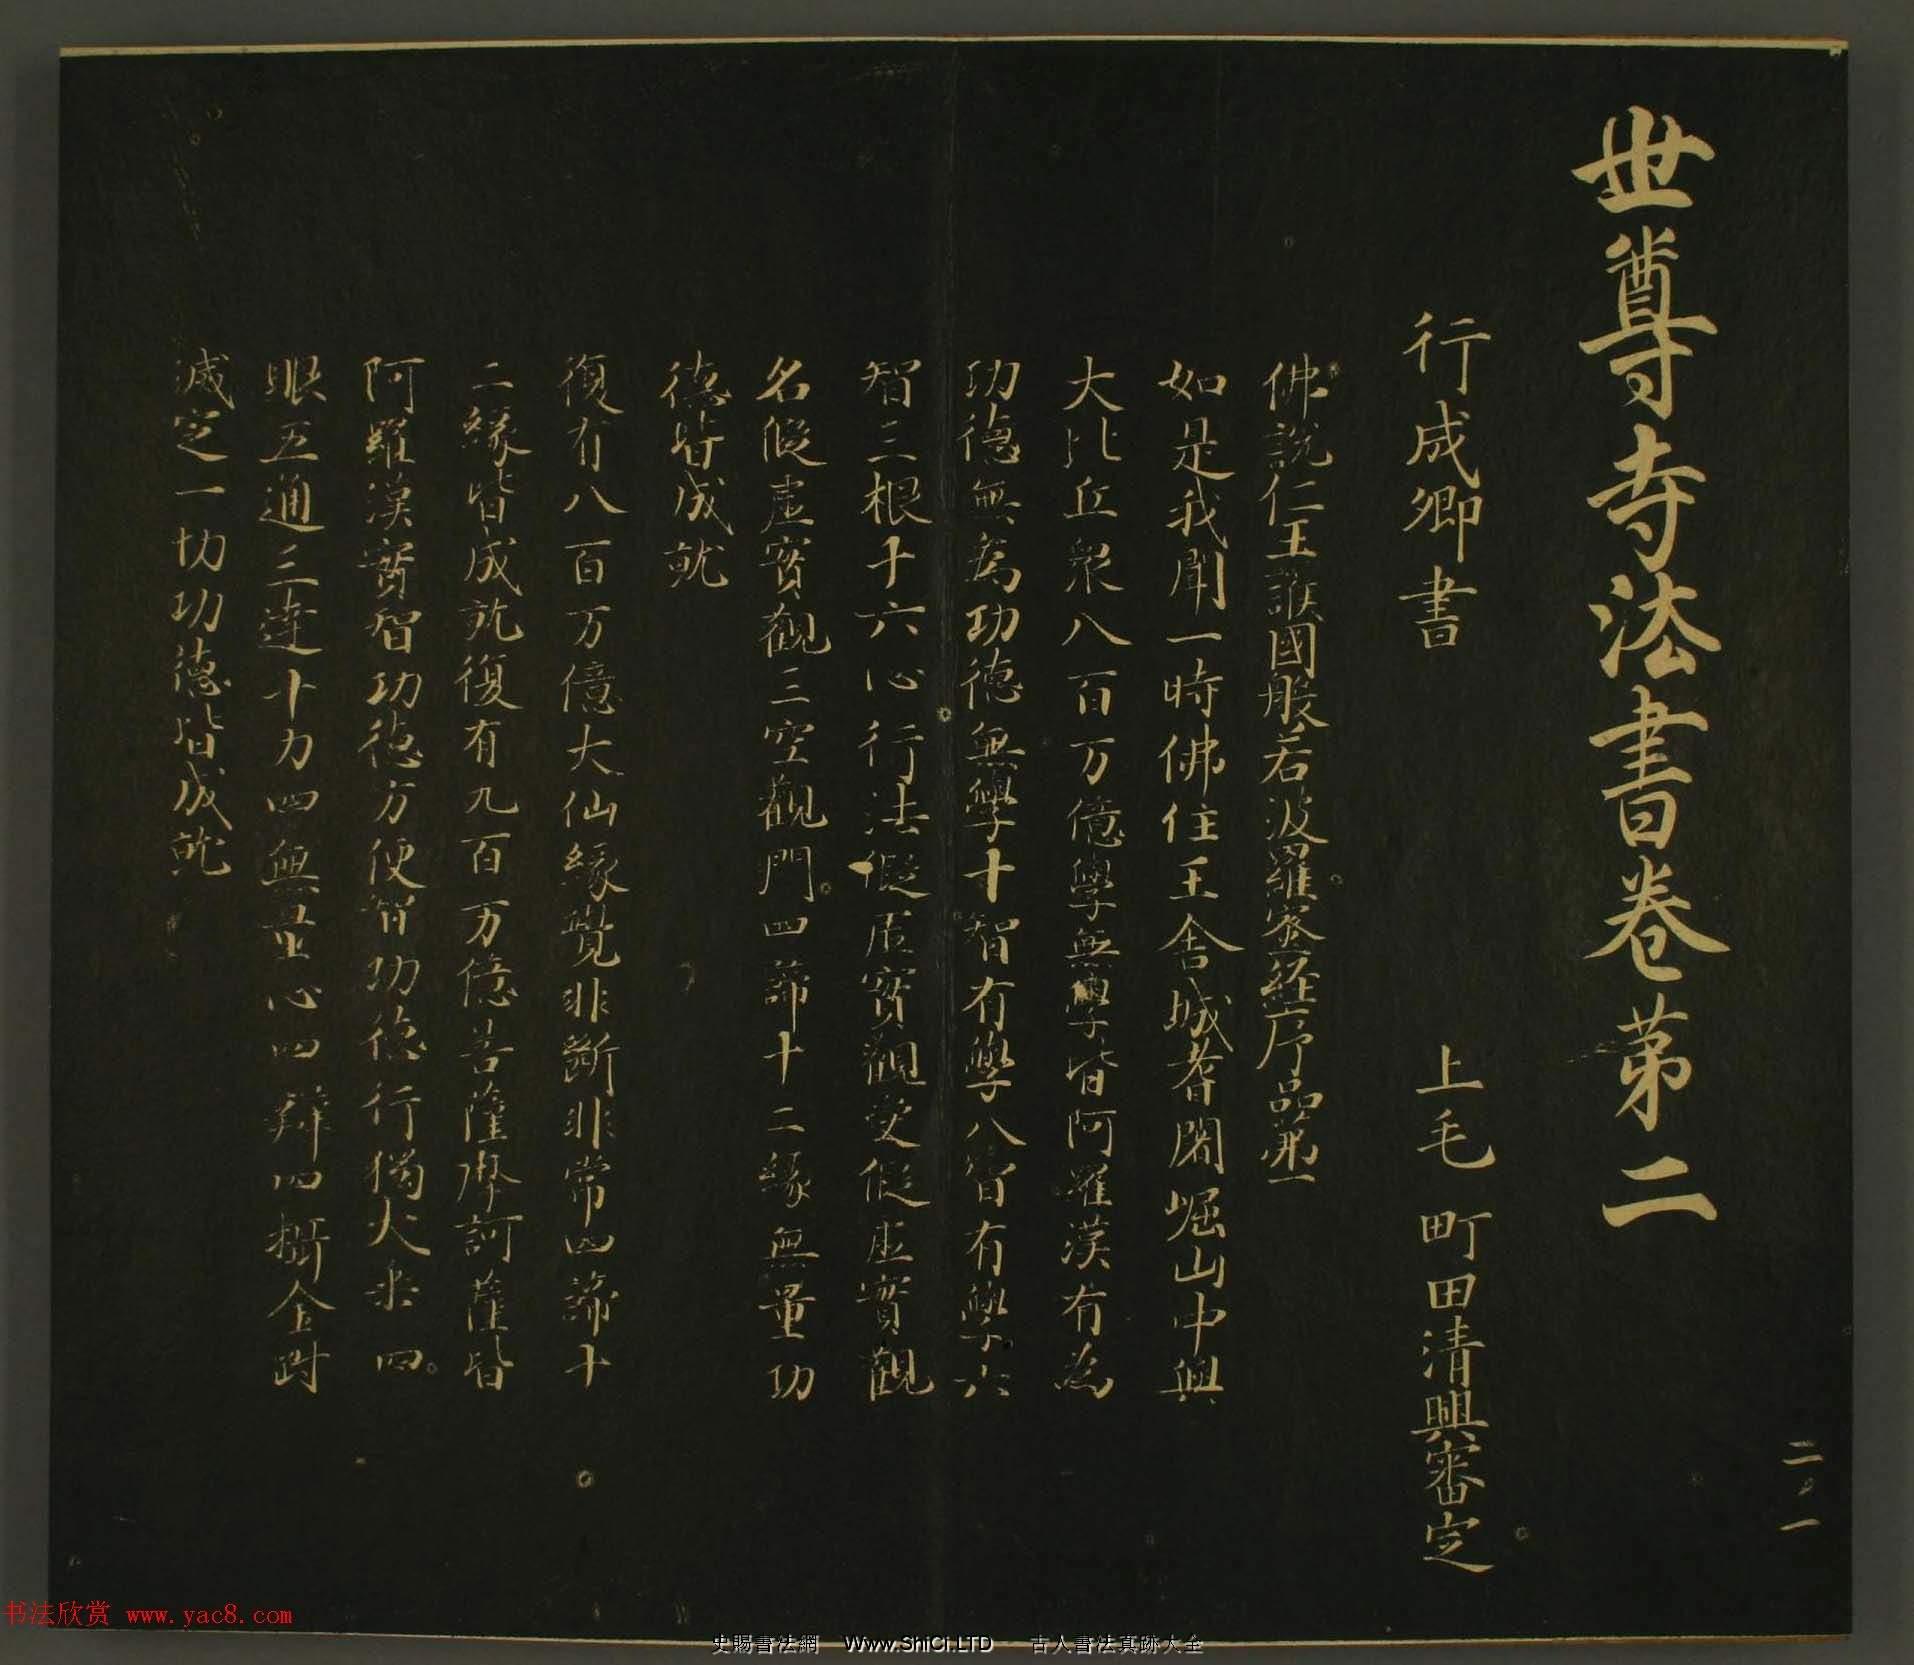 日本行成卿書法真跡欣賞-世尊寺法書卷第二(共20張圖片)